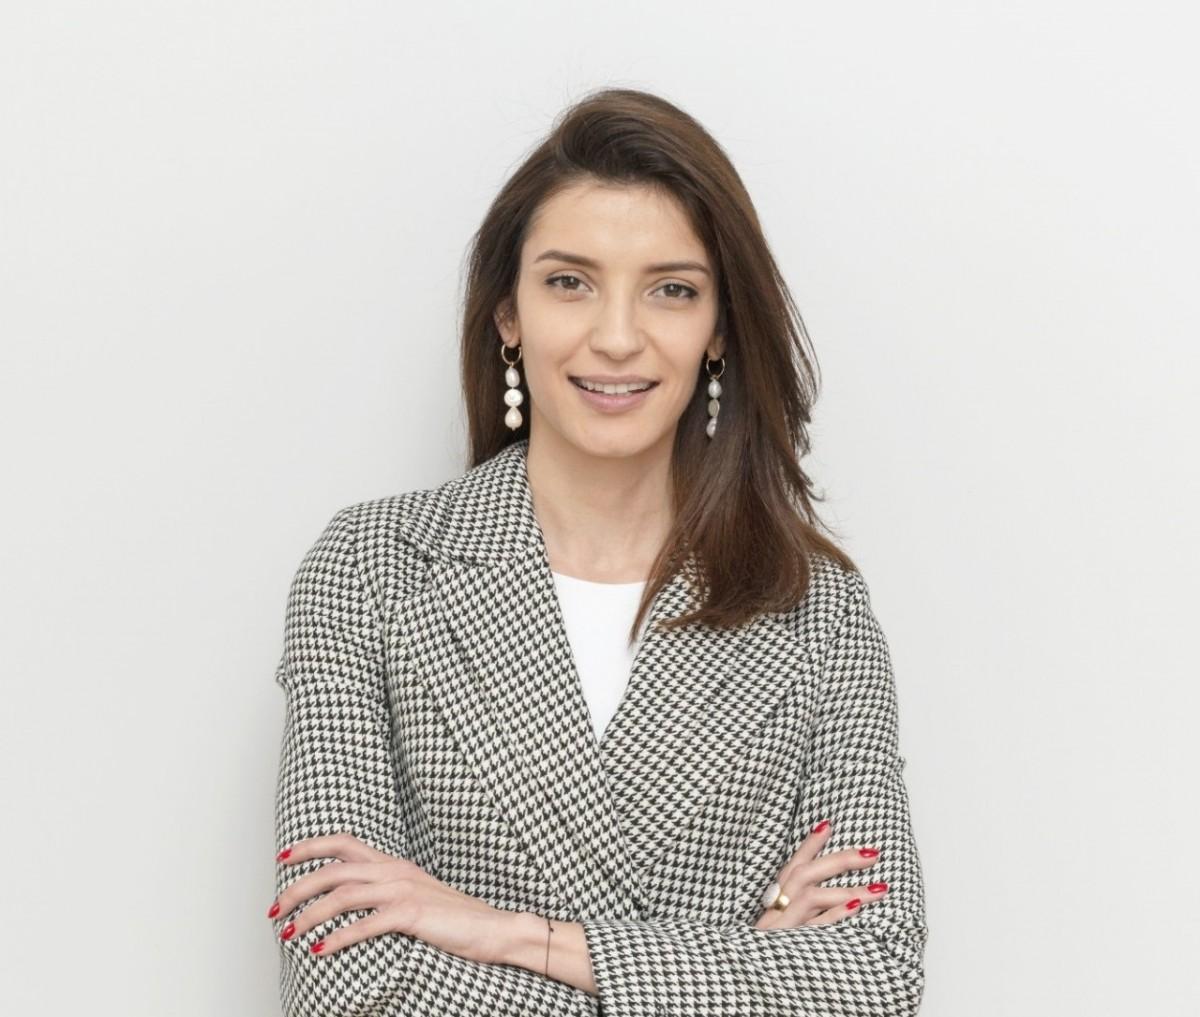 Unique Estates' team is getting bigger - meet Alexandra Nanish!